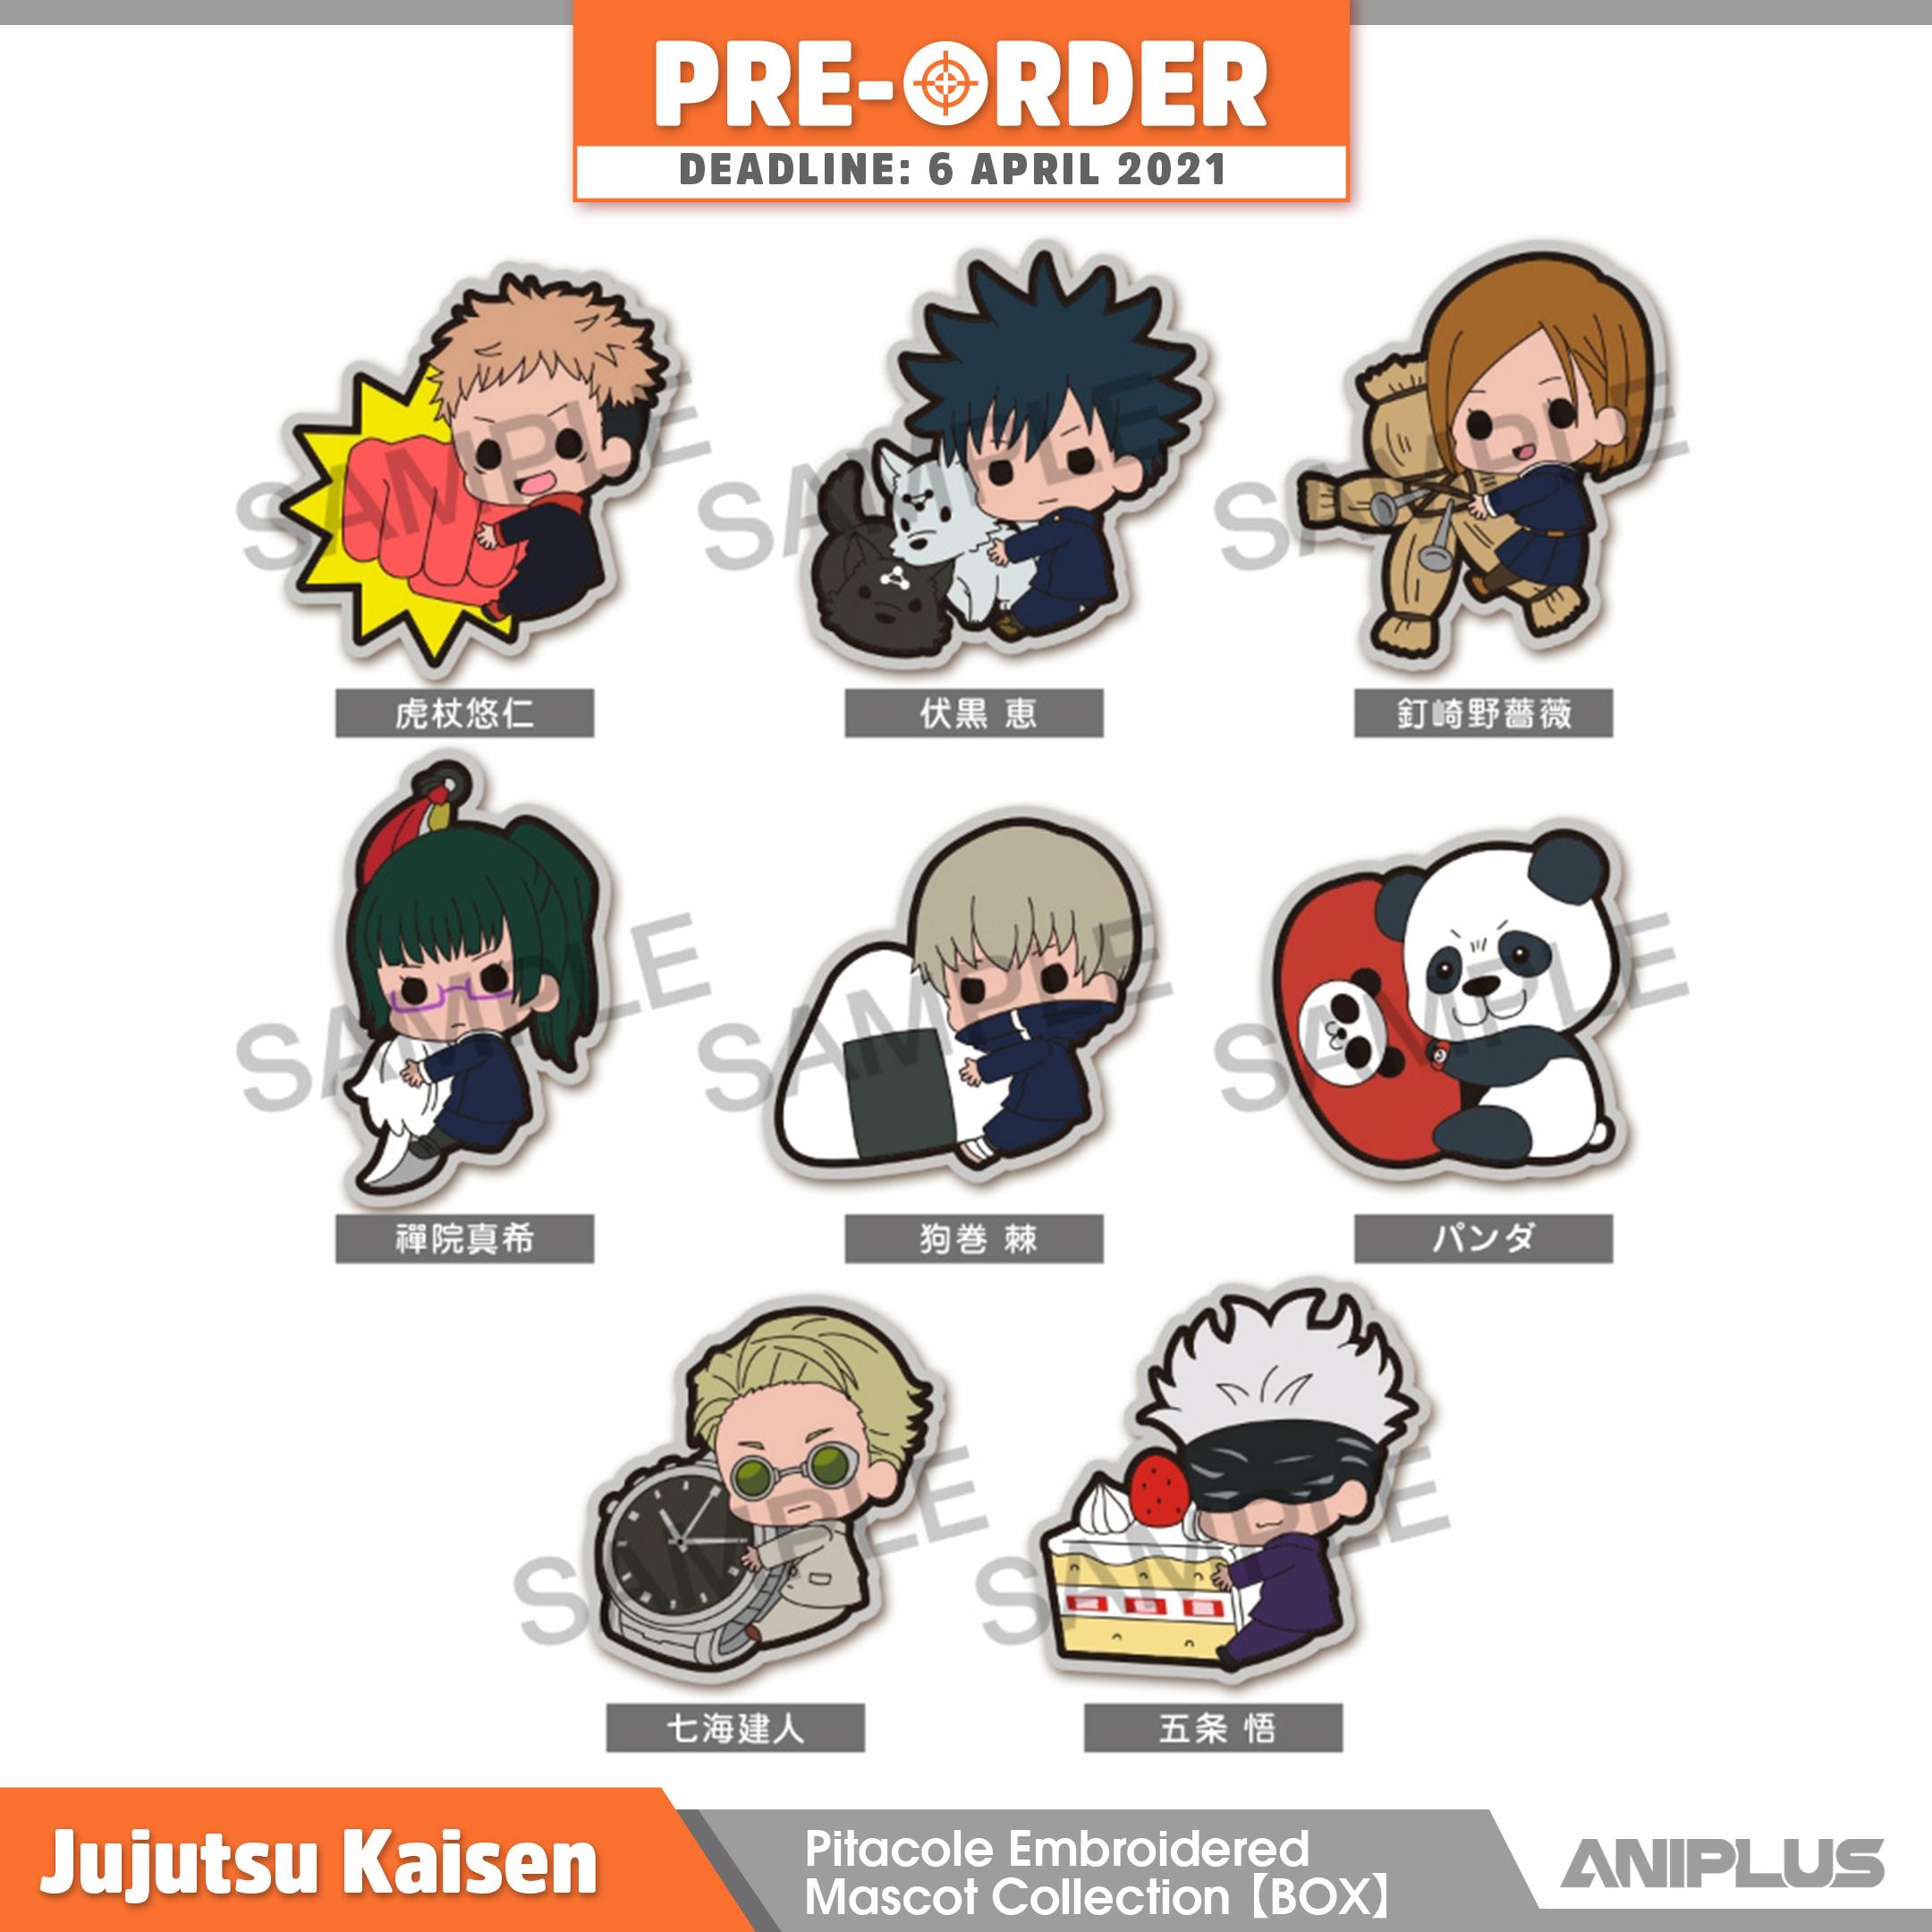 Jujutsu Kaisen Pitacole Embroidered Mascot Collection Box